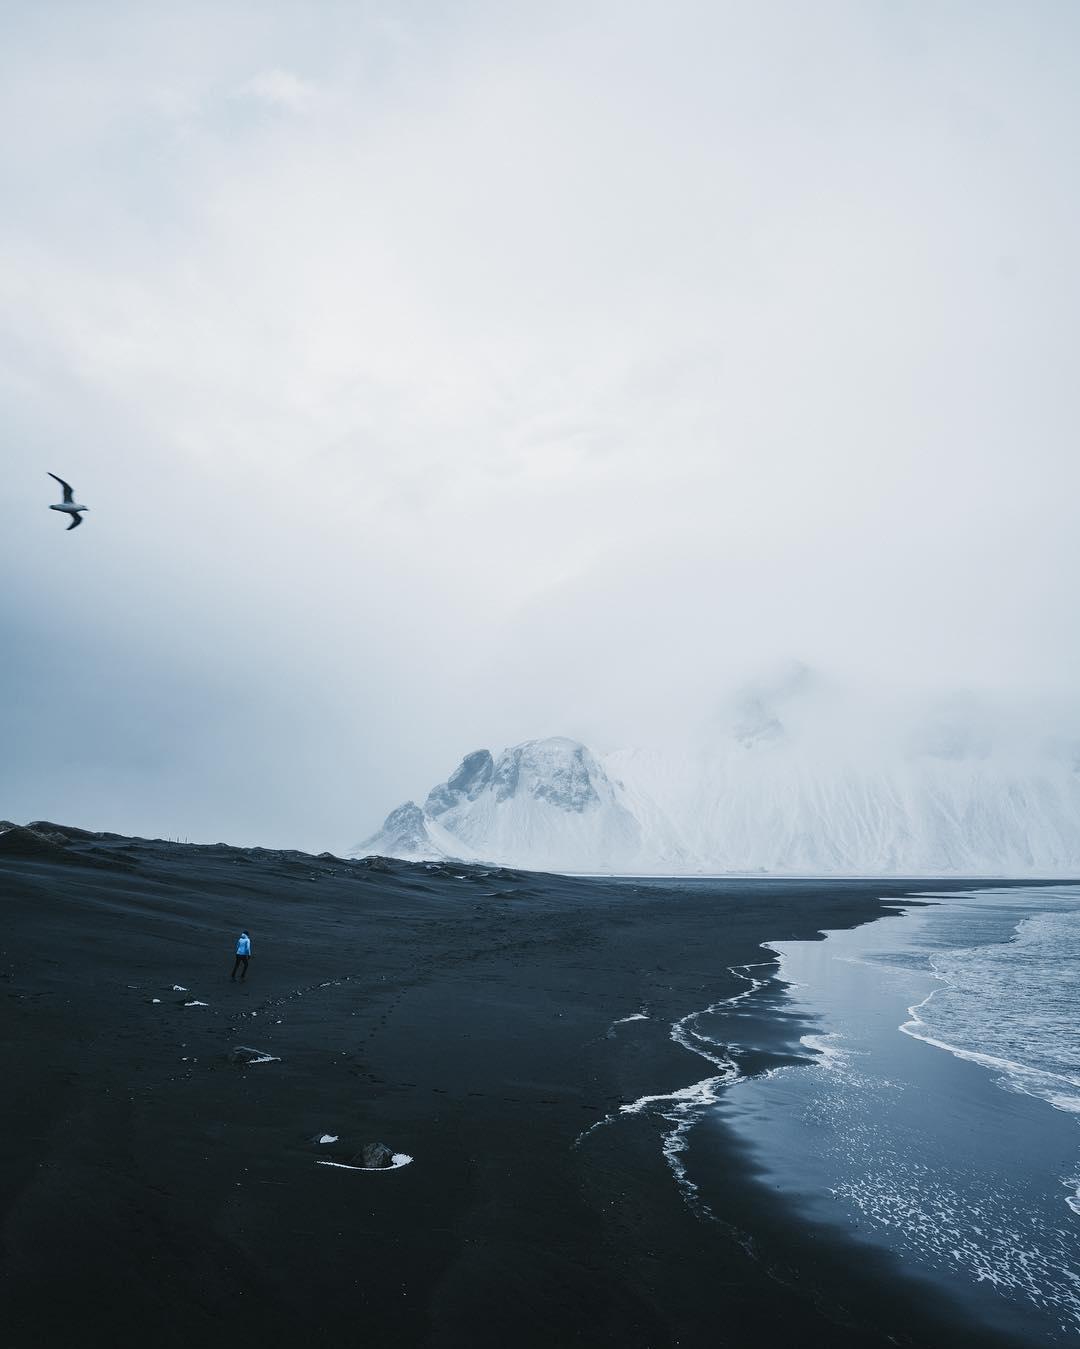 Невероятные снимки из путешествий Джека Хардинга